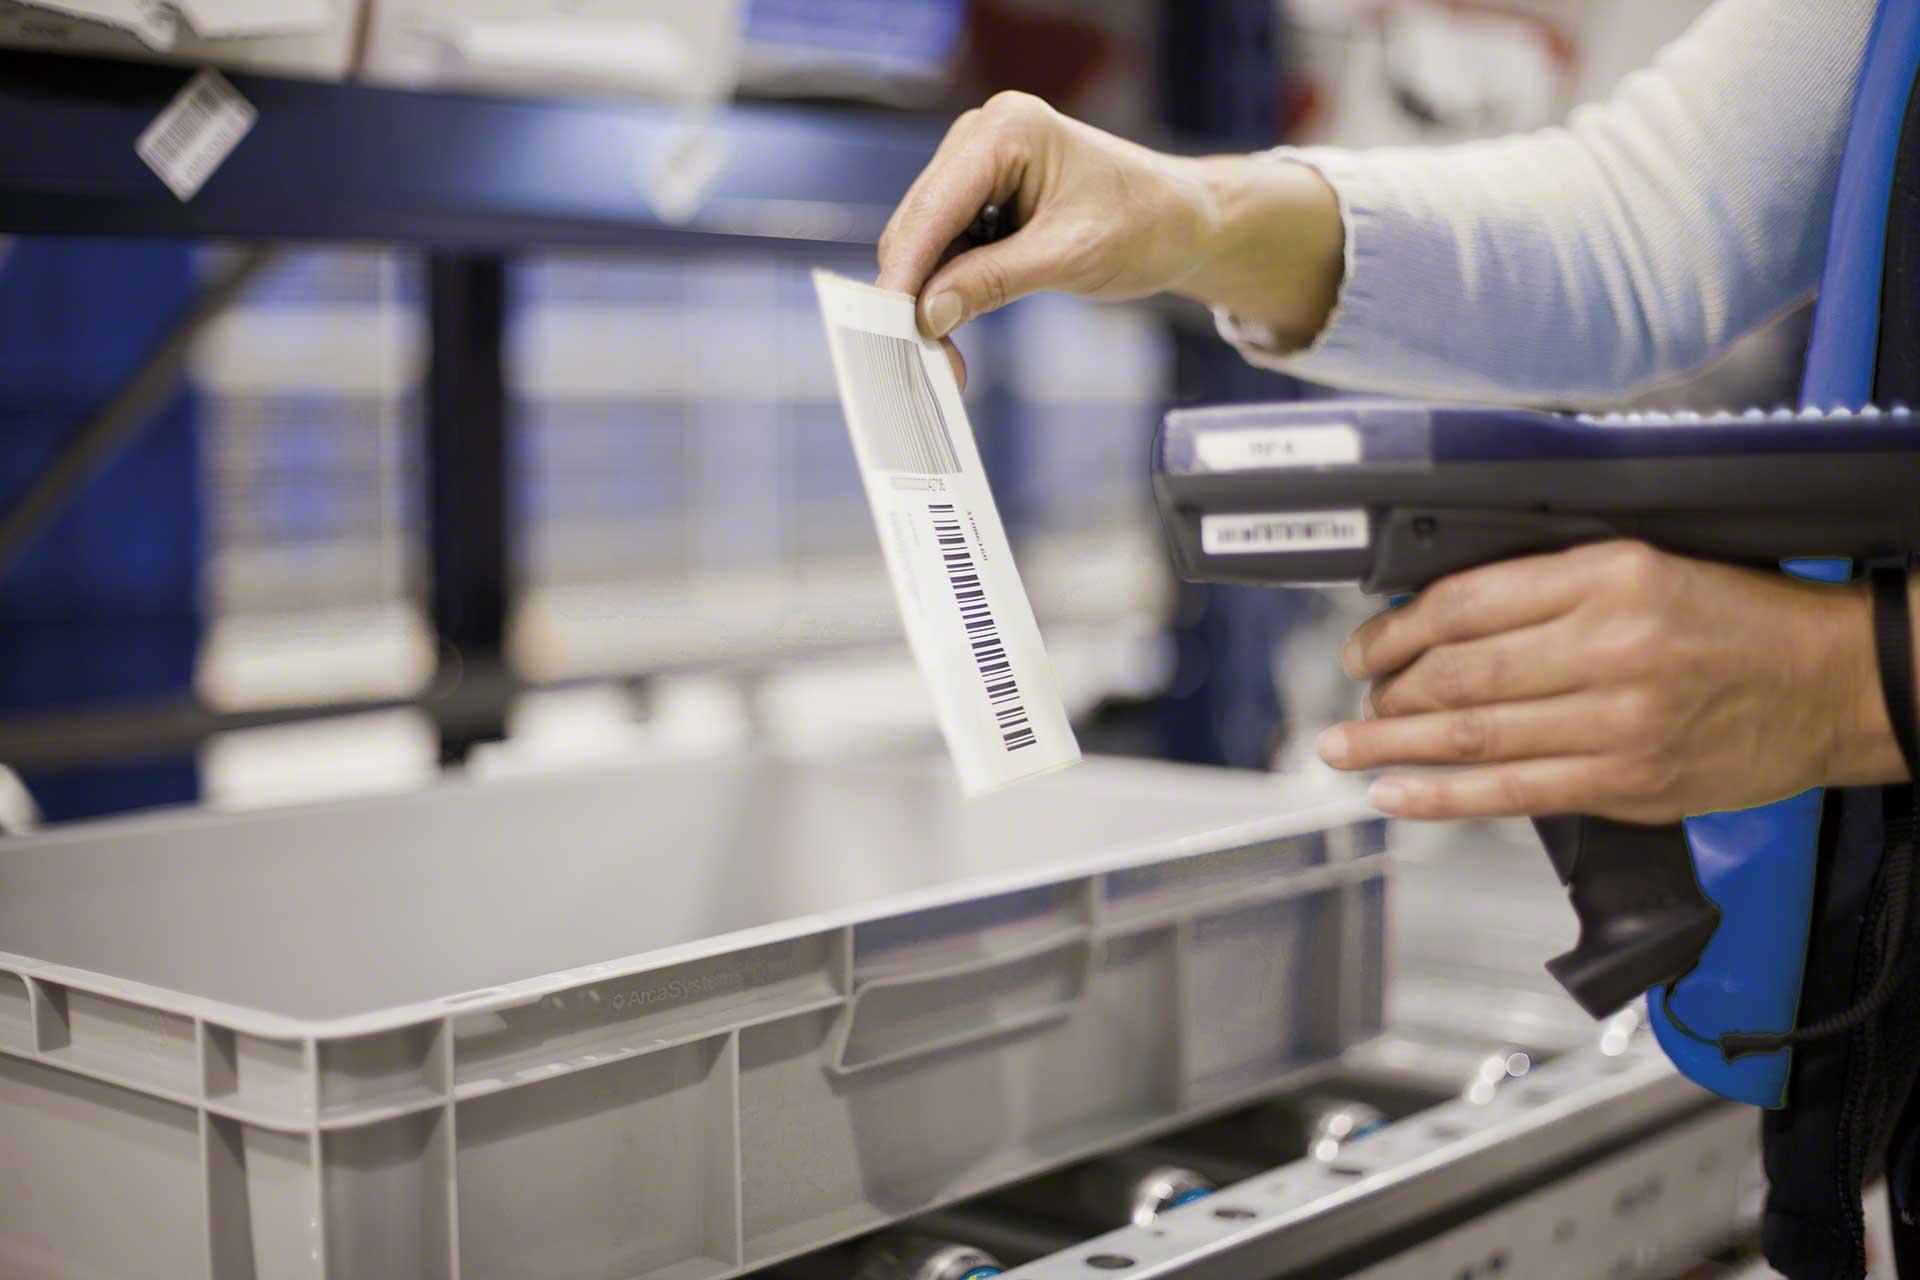 La traçabilité englobe l'ensemble des mesures d'enregistrement et d'identification d'un produit tout au long de la chaîne logistique